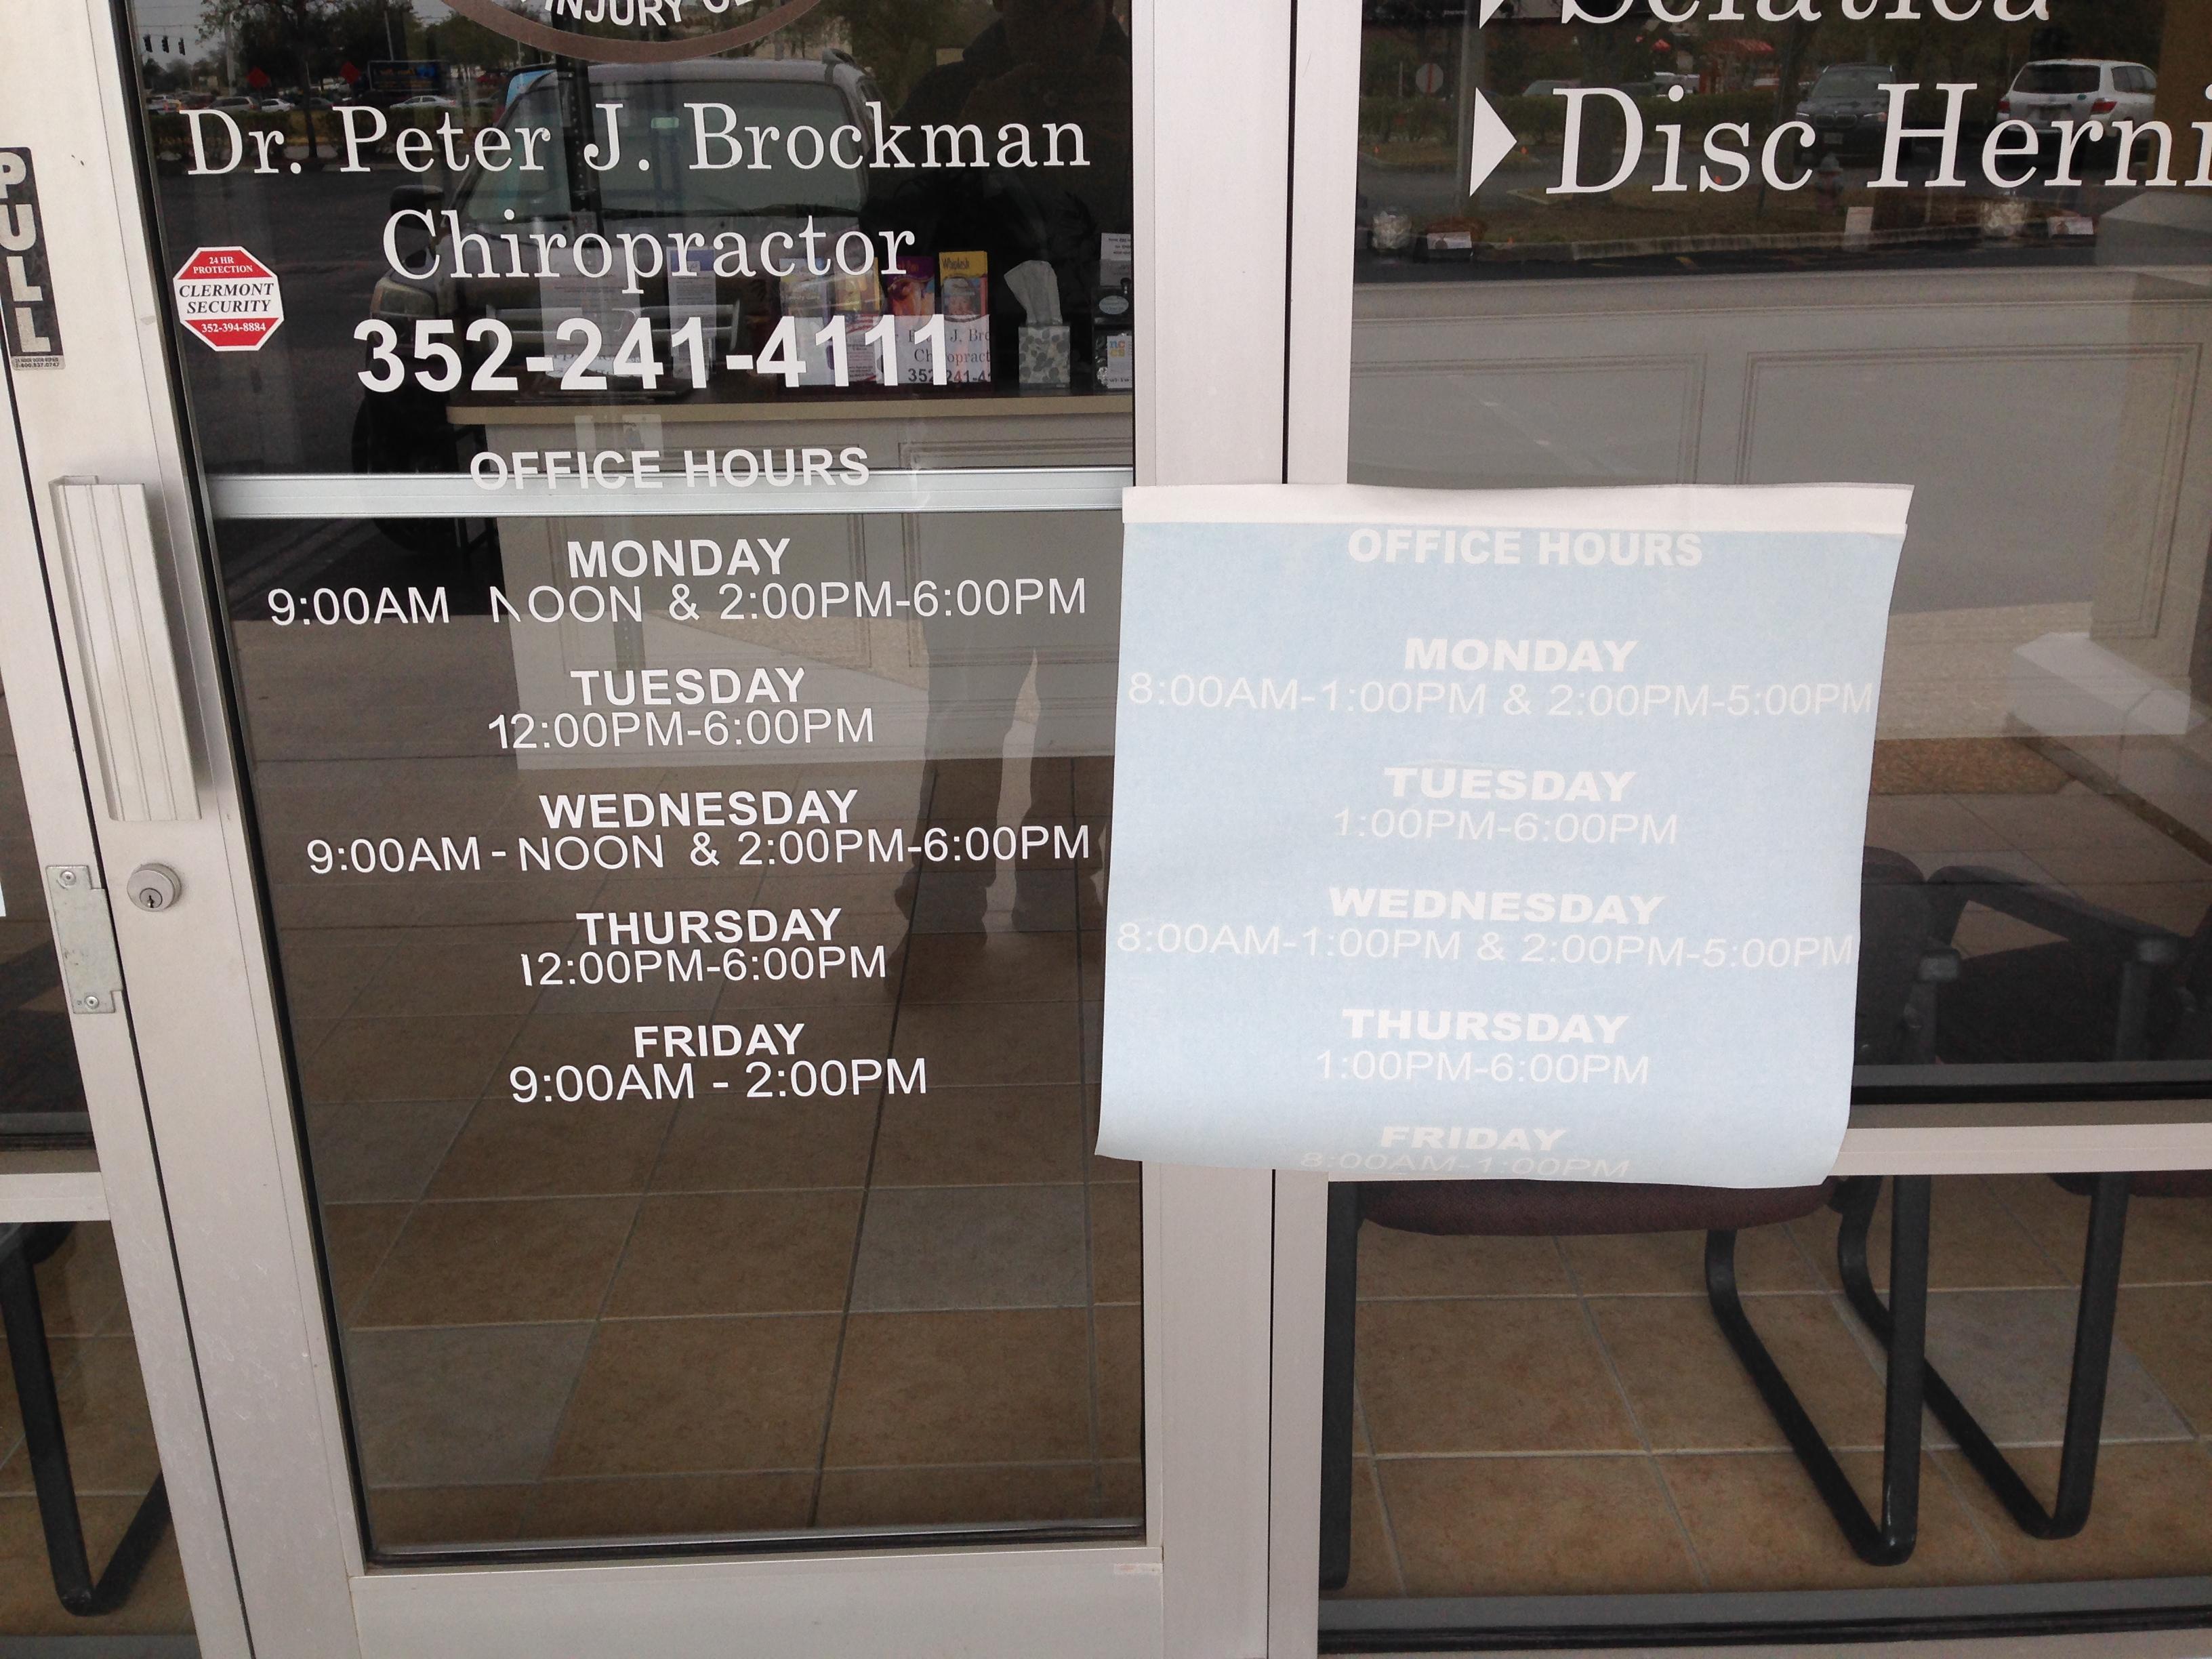 New business hours vinyl numbers on front door Orlando, FL